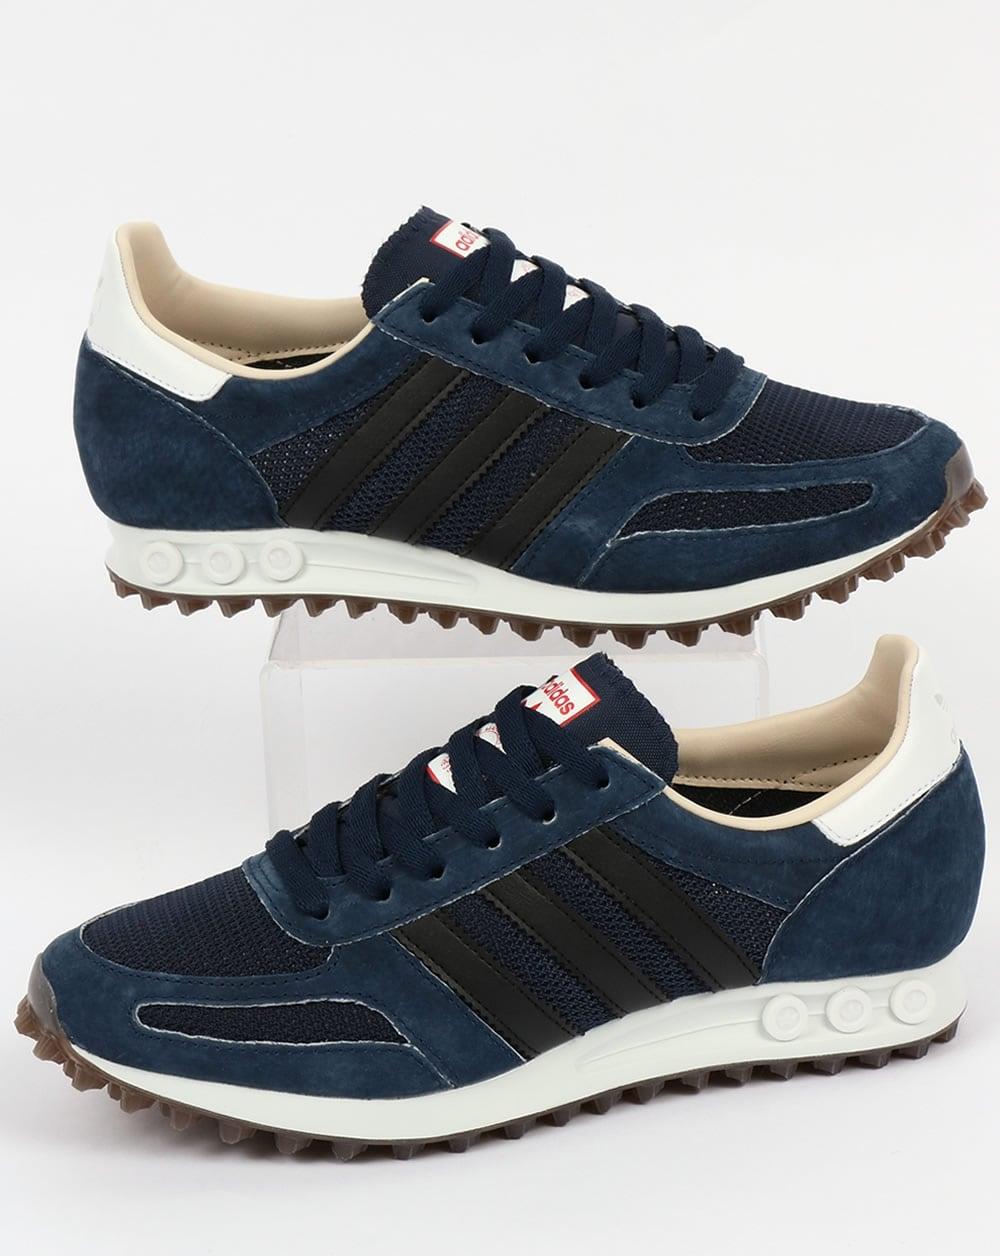 adidas la trainer og navy black shoes original runner mens. Black Bedroom Furniture Sets. Home Design Ideas